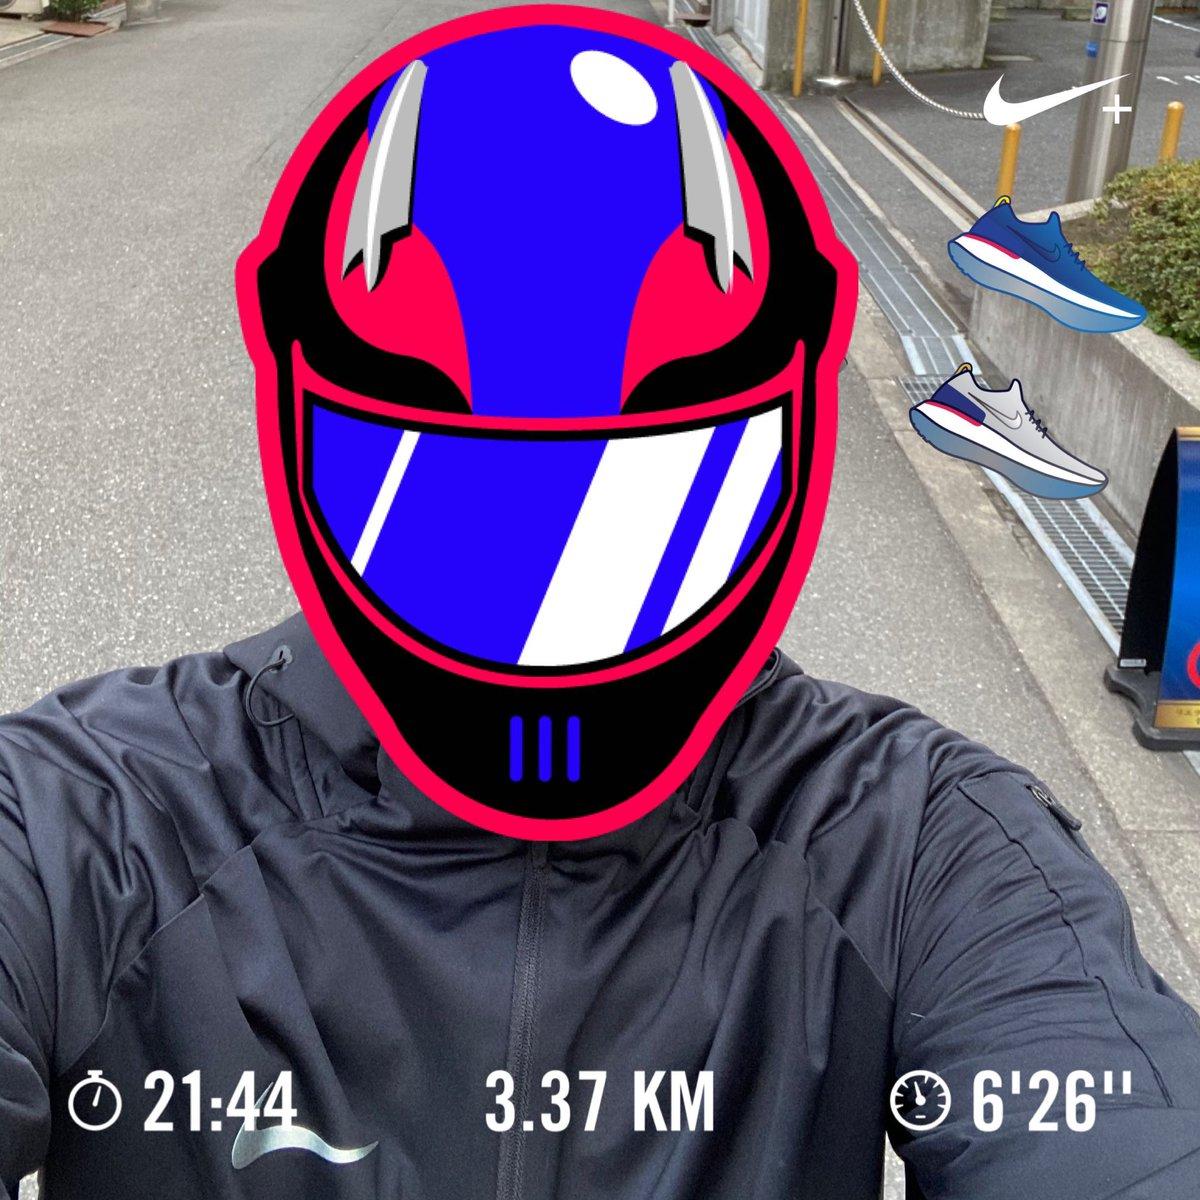 公園まで遊びランニング!Nike Run Club アプリで 3.37 kmを走りました #JustDoIt #ダイエット #ダイエット記録 #糖質制限 #食事制限 #レコーディングダイエット #パーソナルトレーニング #筋トレ #ボディメイク #フィットネス #ワークアウト #パーソナルトレーナー #run #running #nike